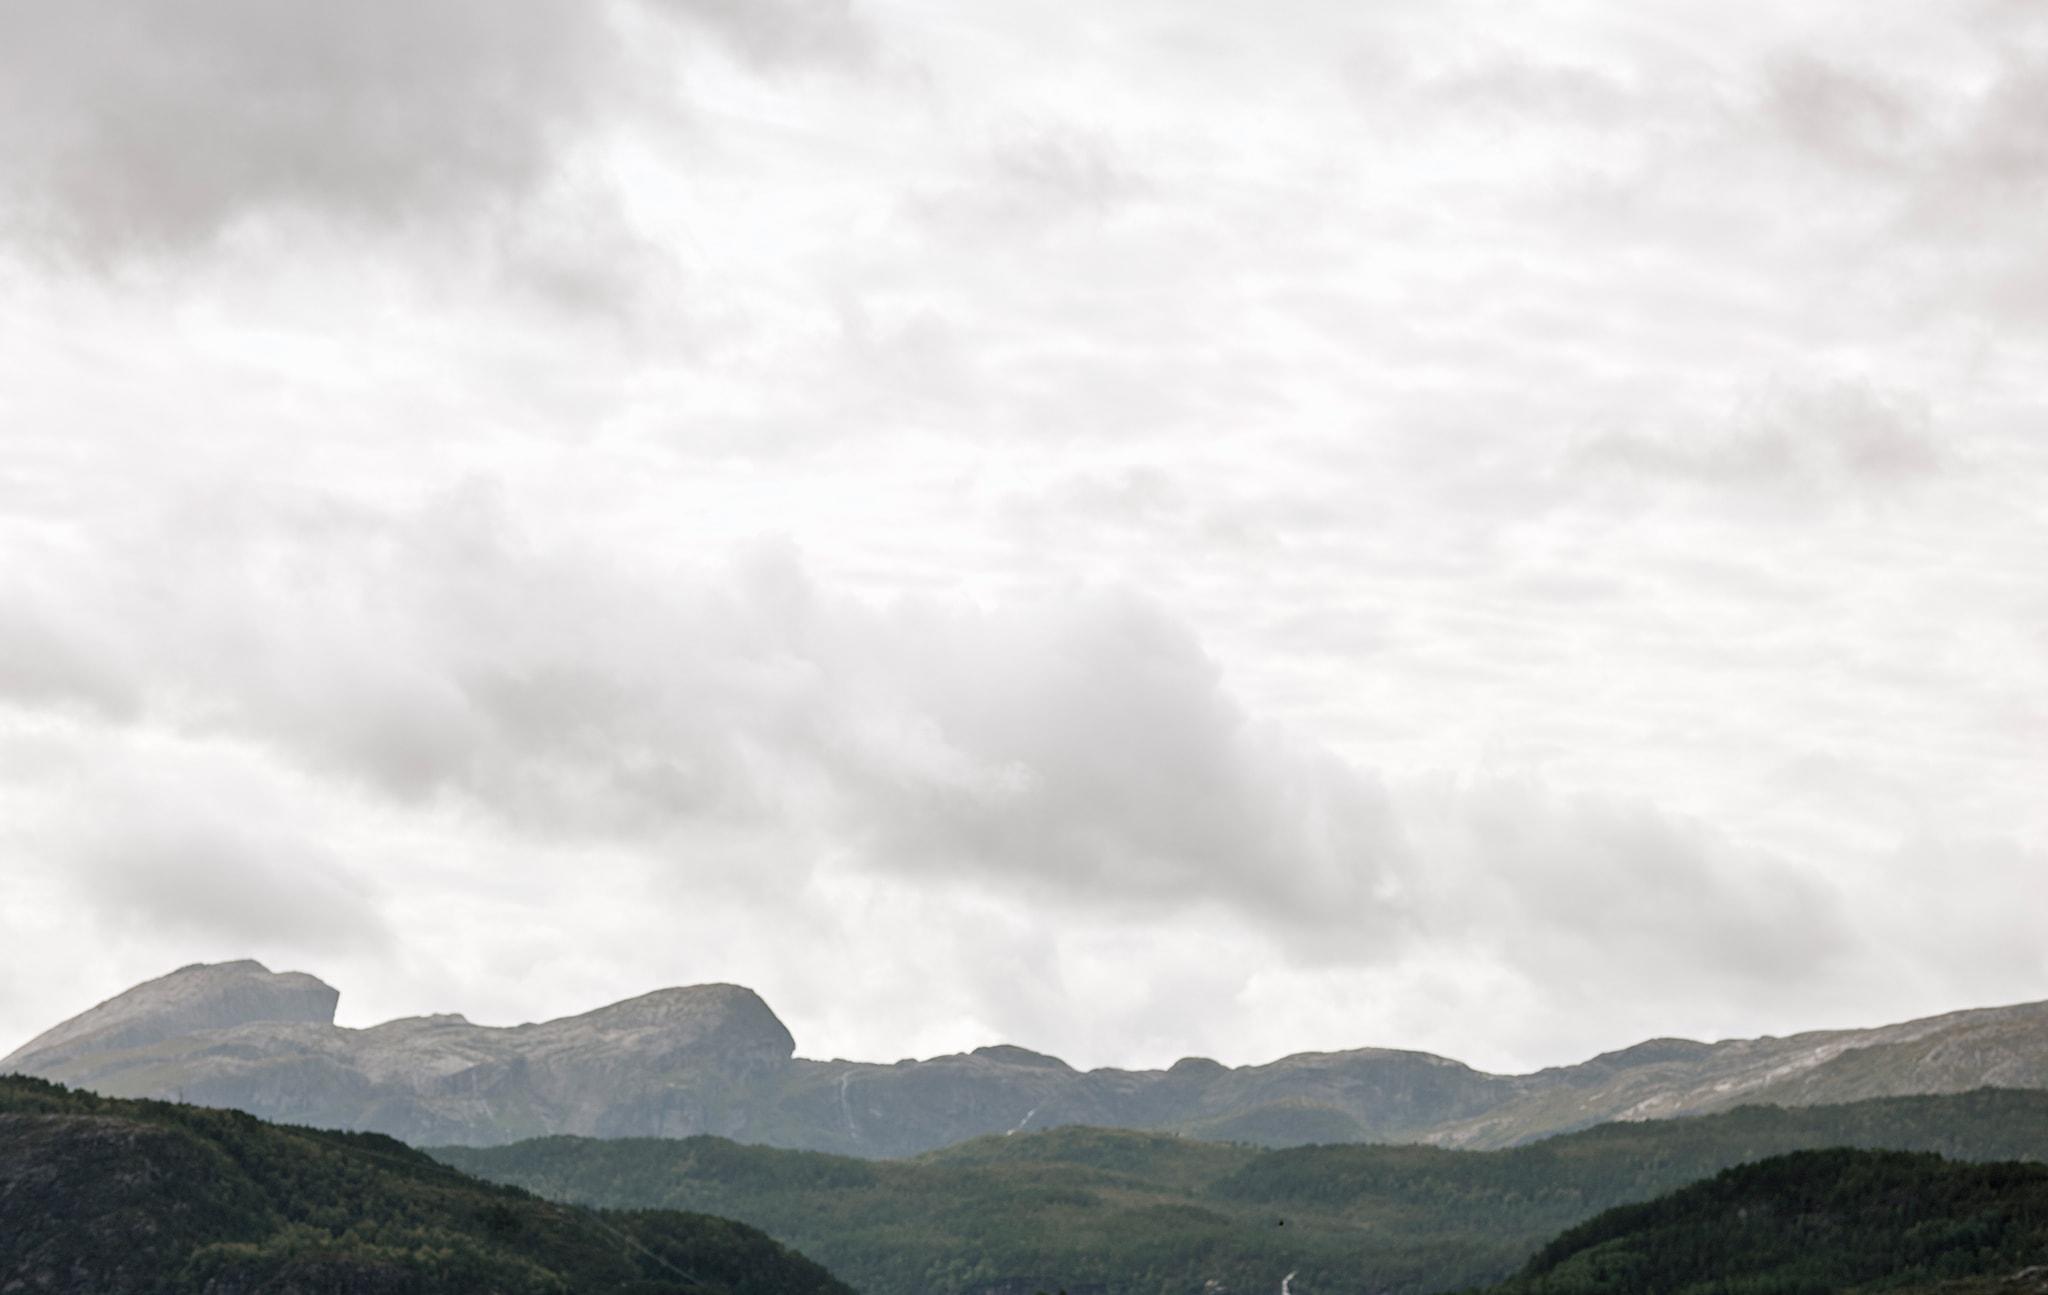 挪威的山巒景致。